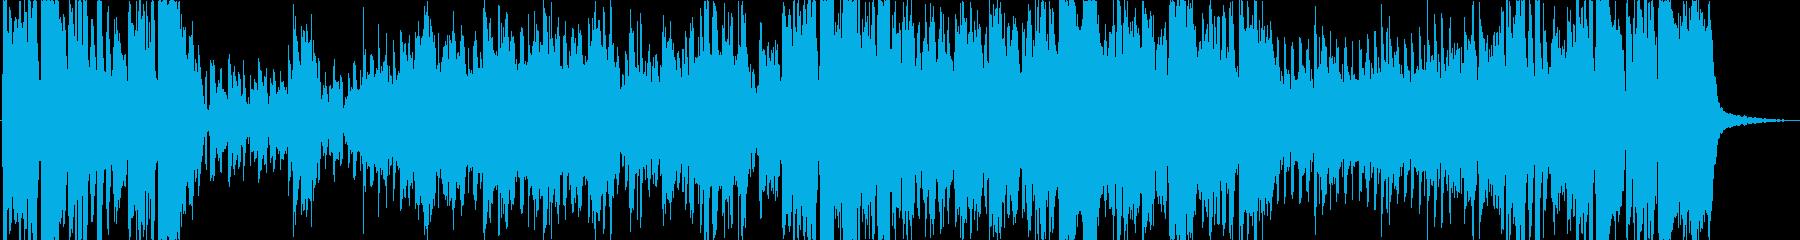 女性スパイイメージのレトロでジャジーな曲の再生済みの波形